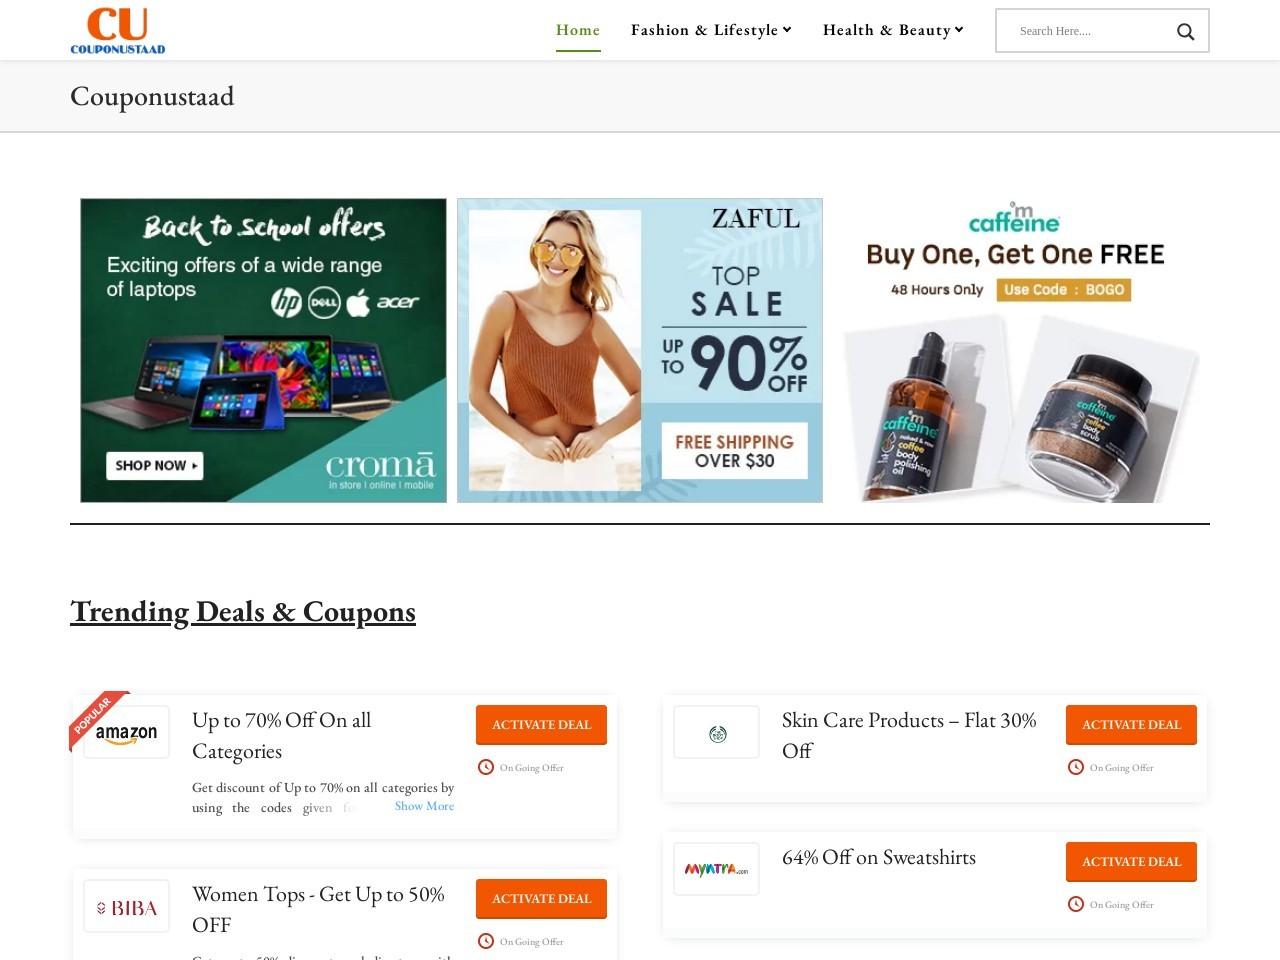 jbl new user coupon code